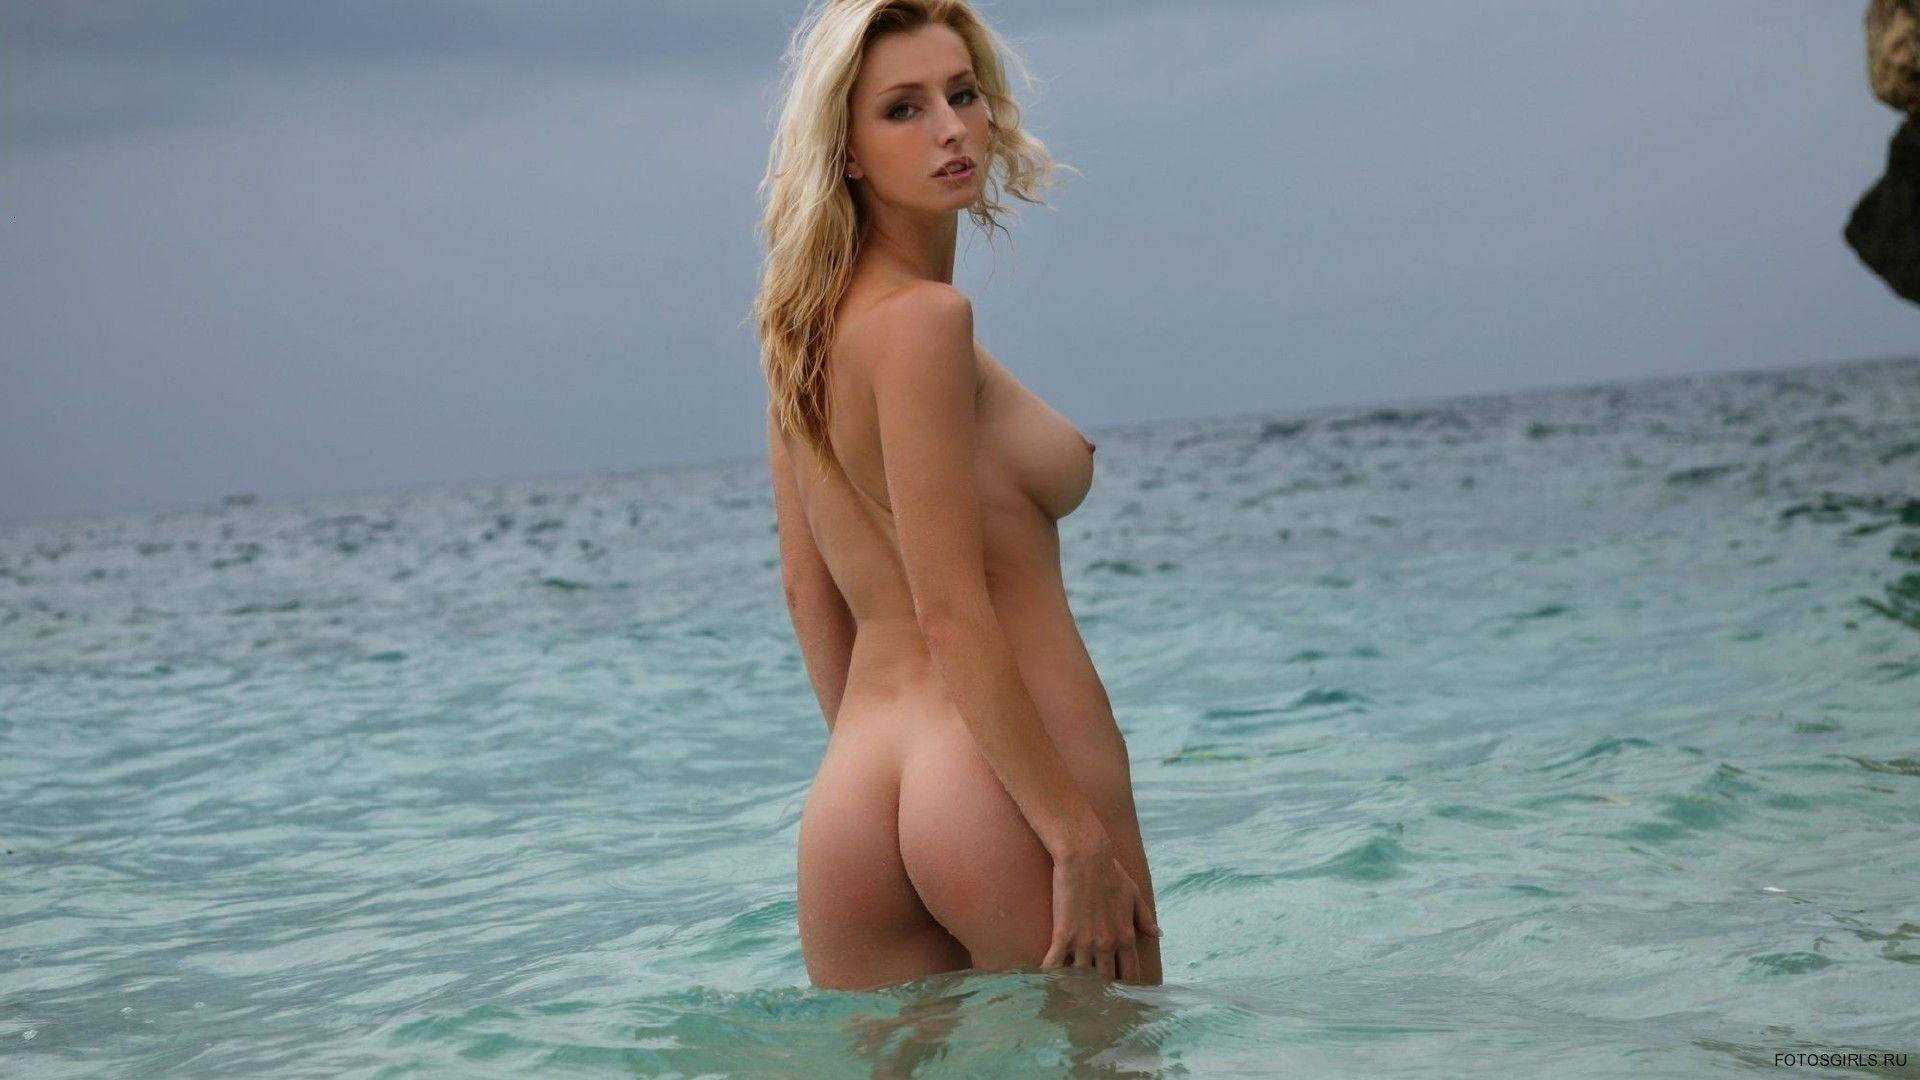 Видео мерлин на море фото девок голых поезде проводницей